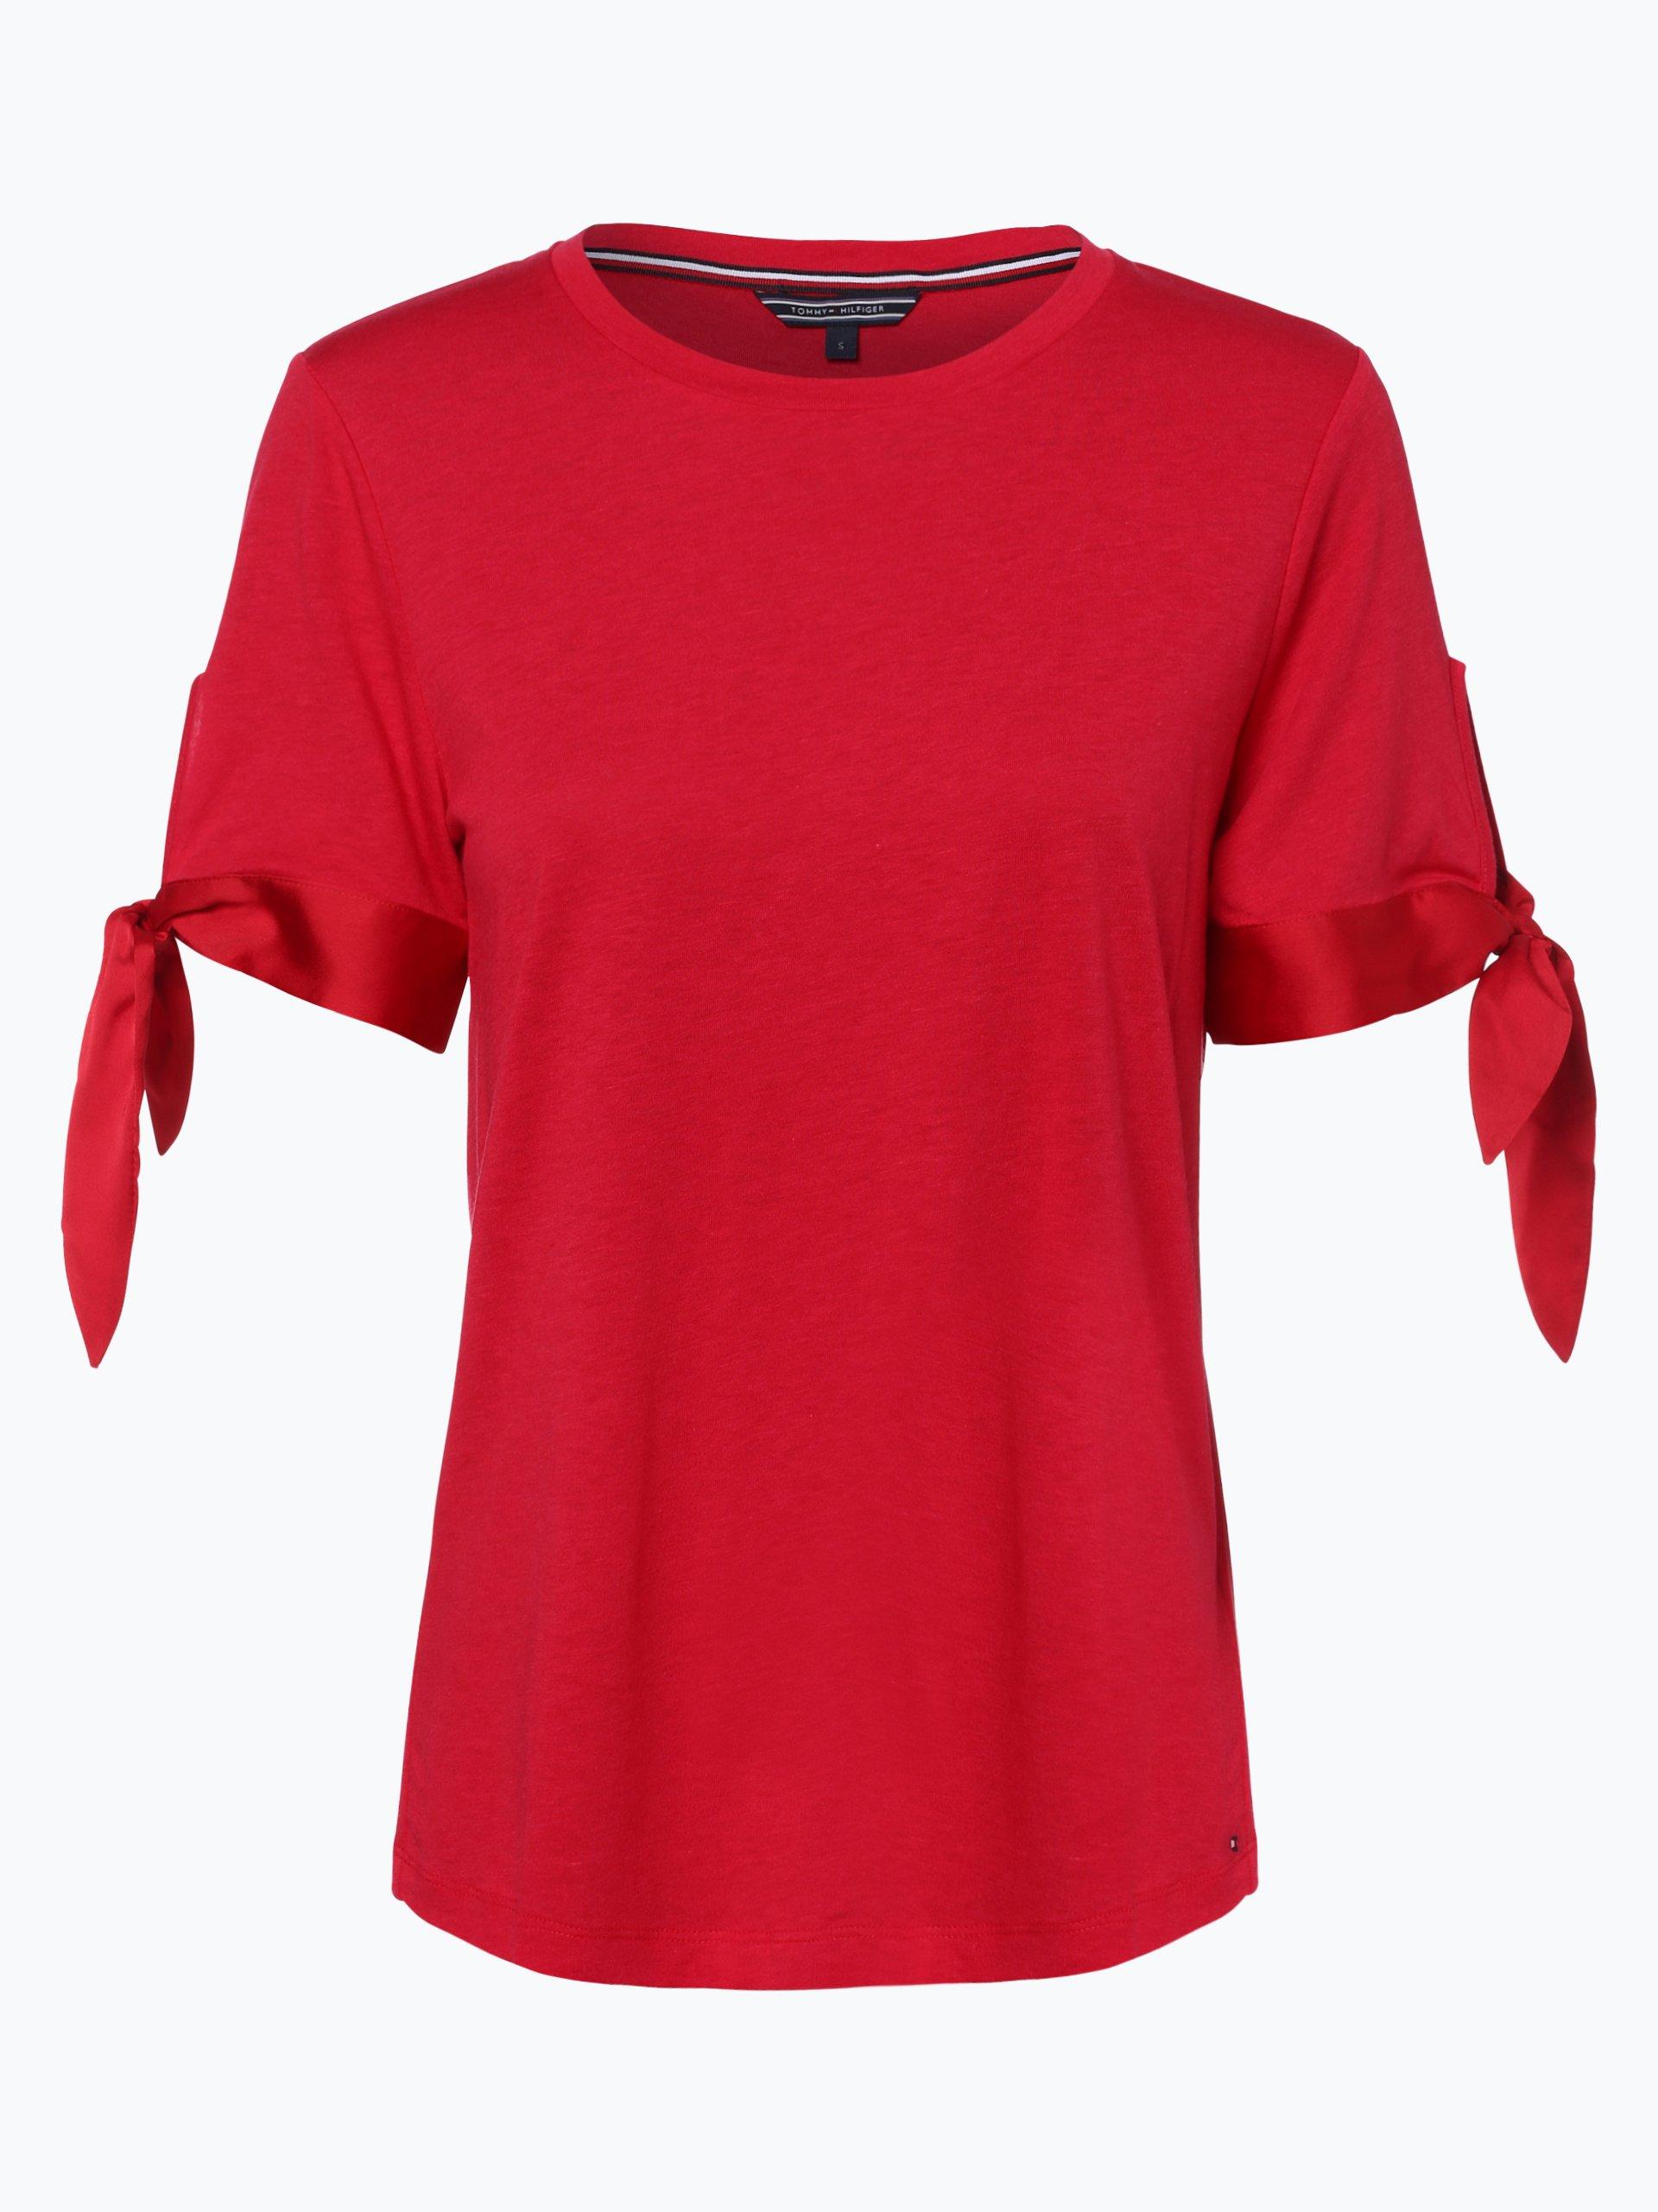 tommy hilfiger damen t shirt rot uni online kaufen. Black Bedroom Furniture Sets. Home Design Ideas